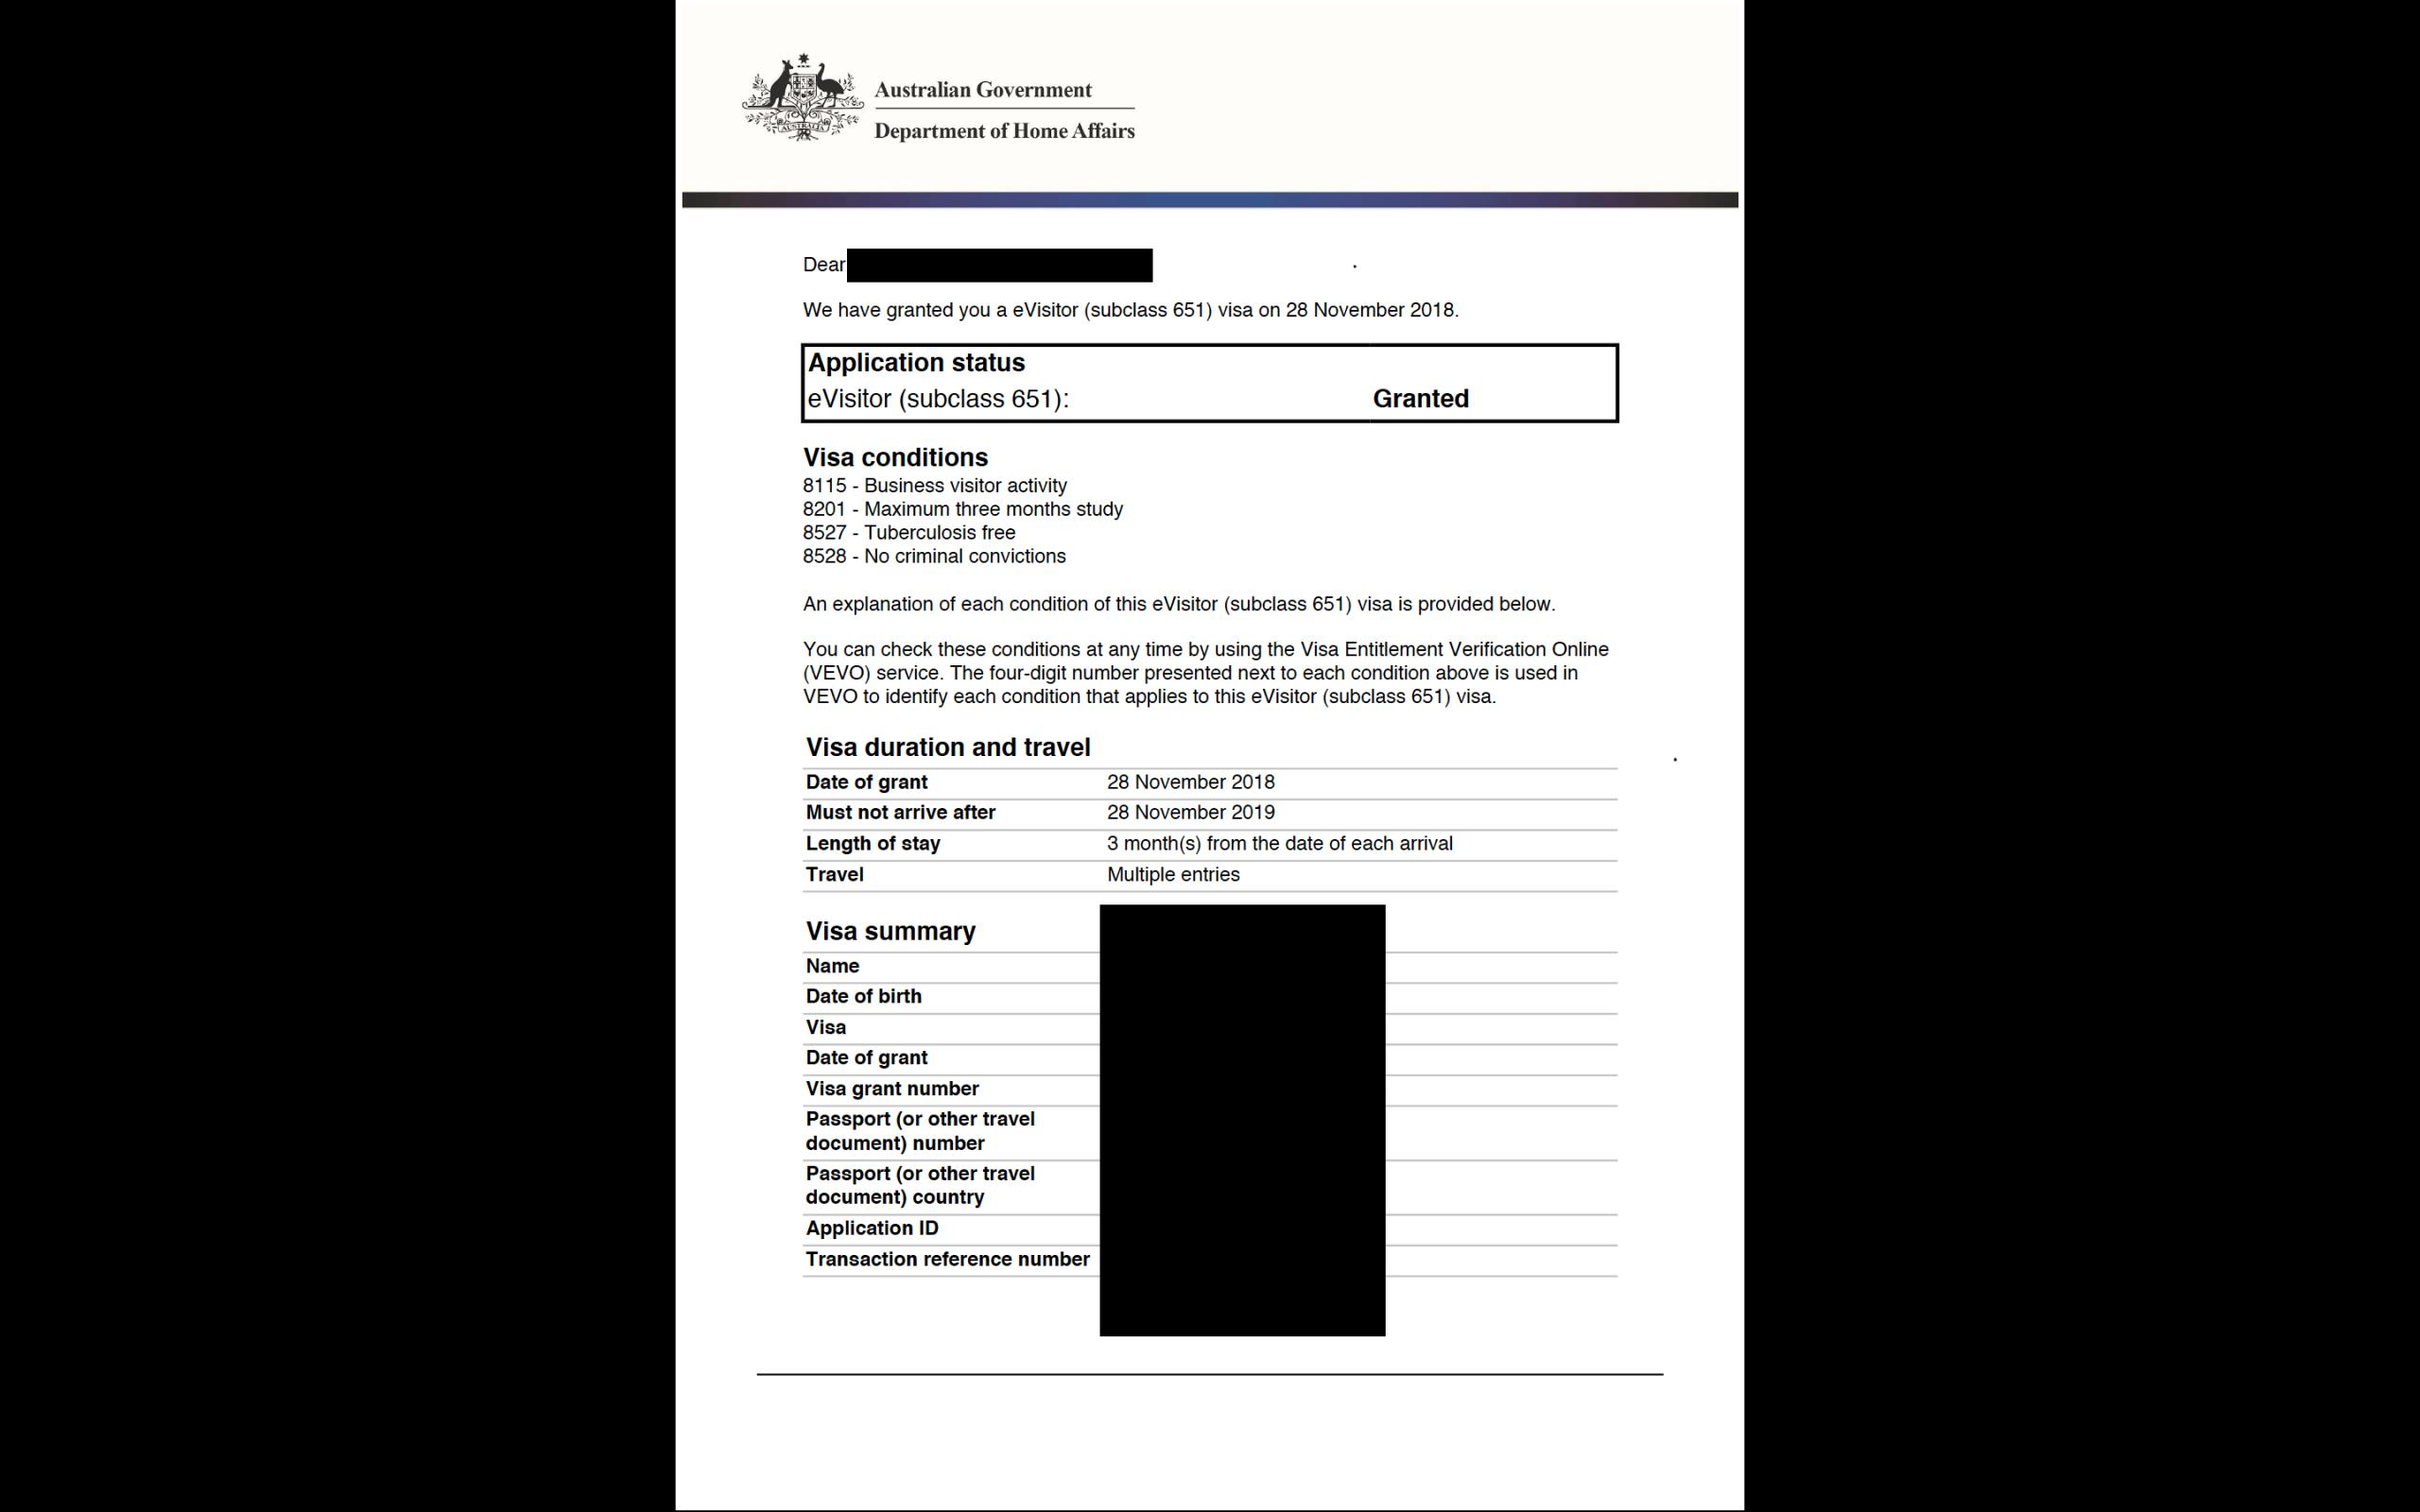 Imagen de un exemplo de una Visa de Turista para Australia